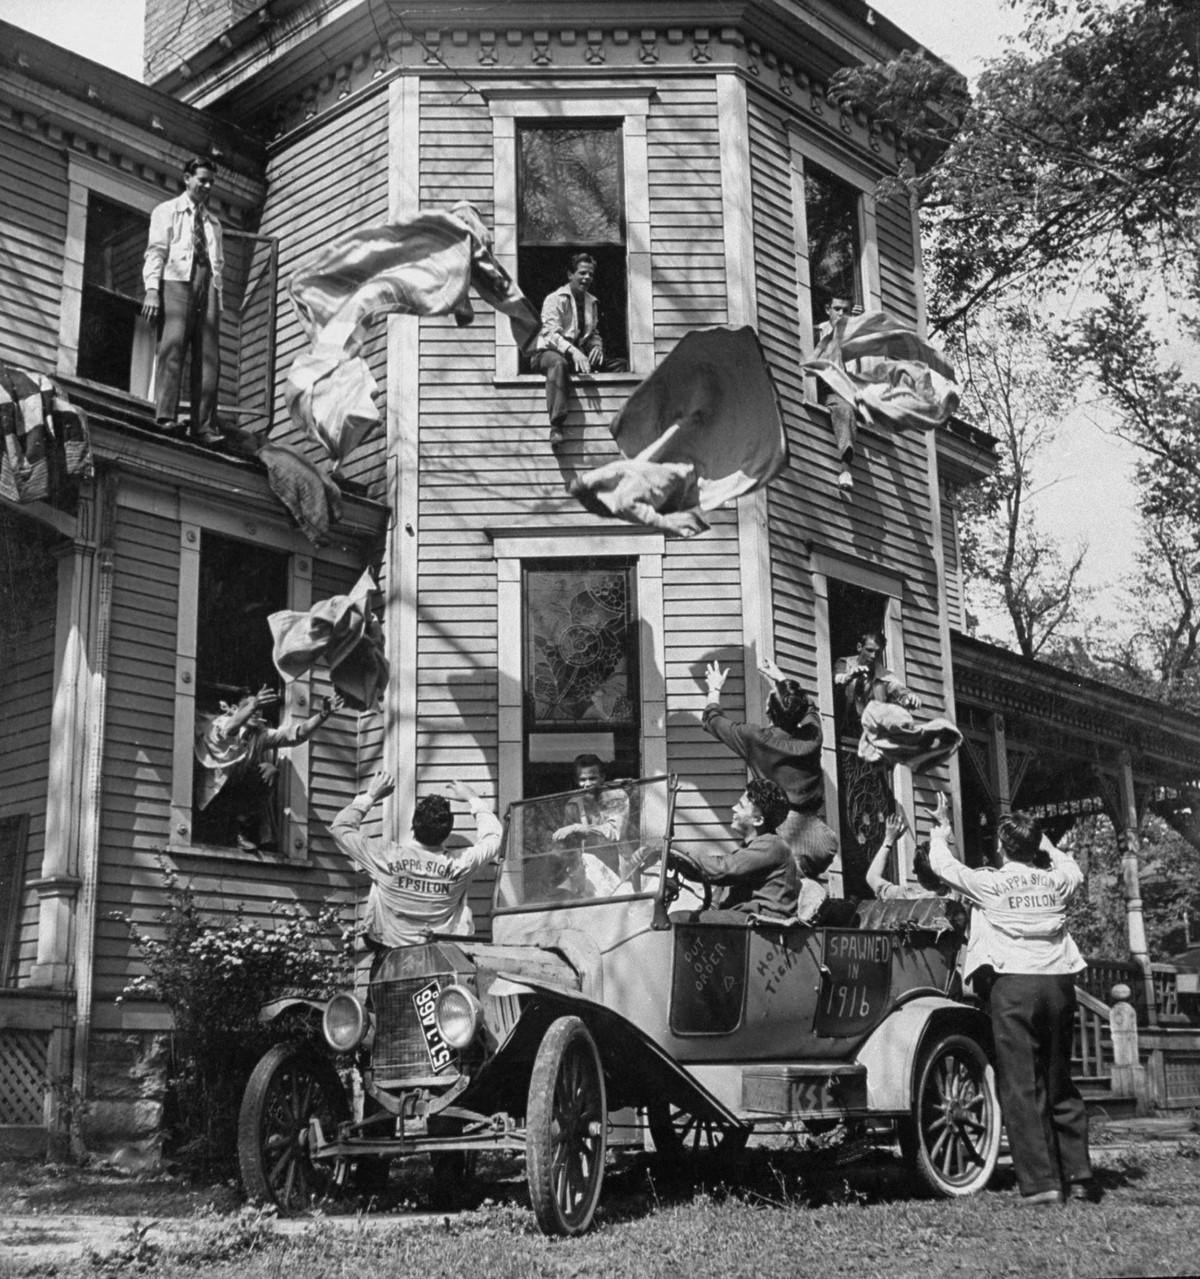 Члены братства «Каппа Сигма Ипсилон» Канзасского педагогического колледжа готовятся к «вечеринке простыней», 1941. Уолтер Сандерс